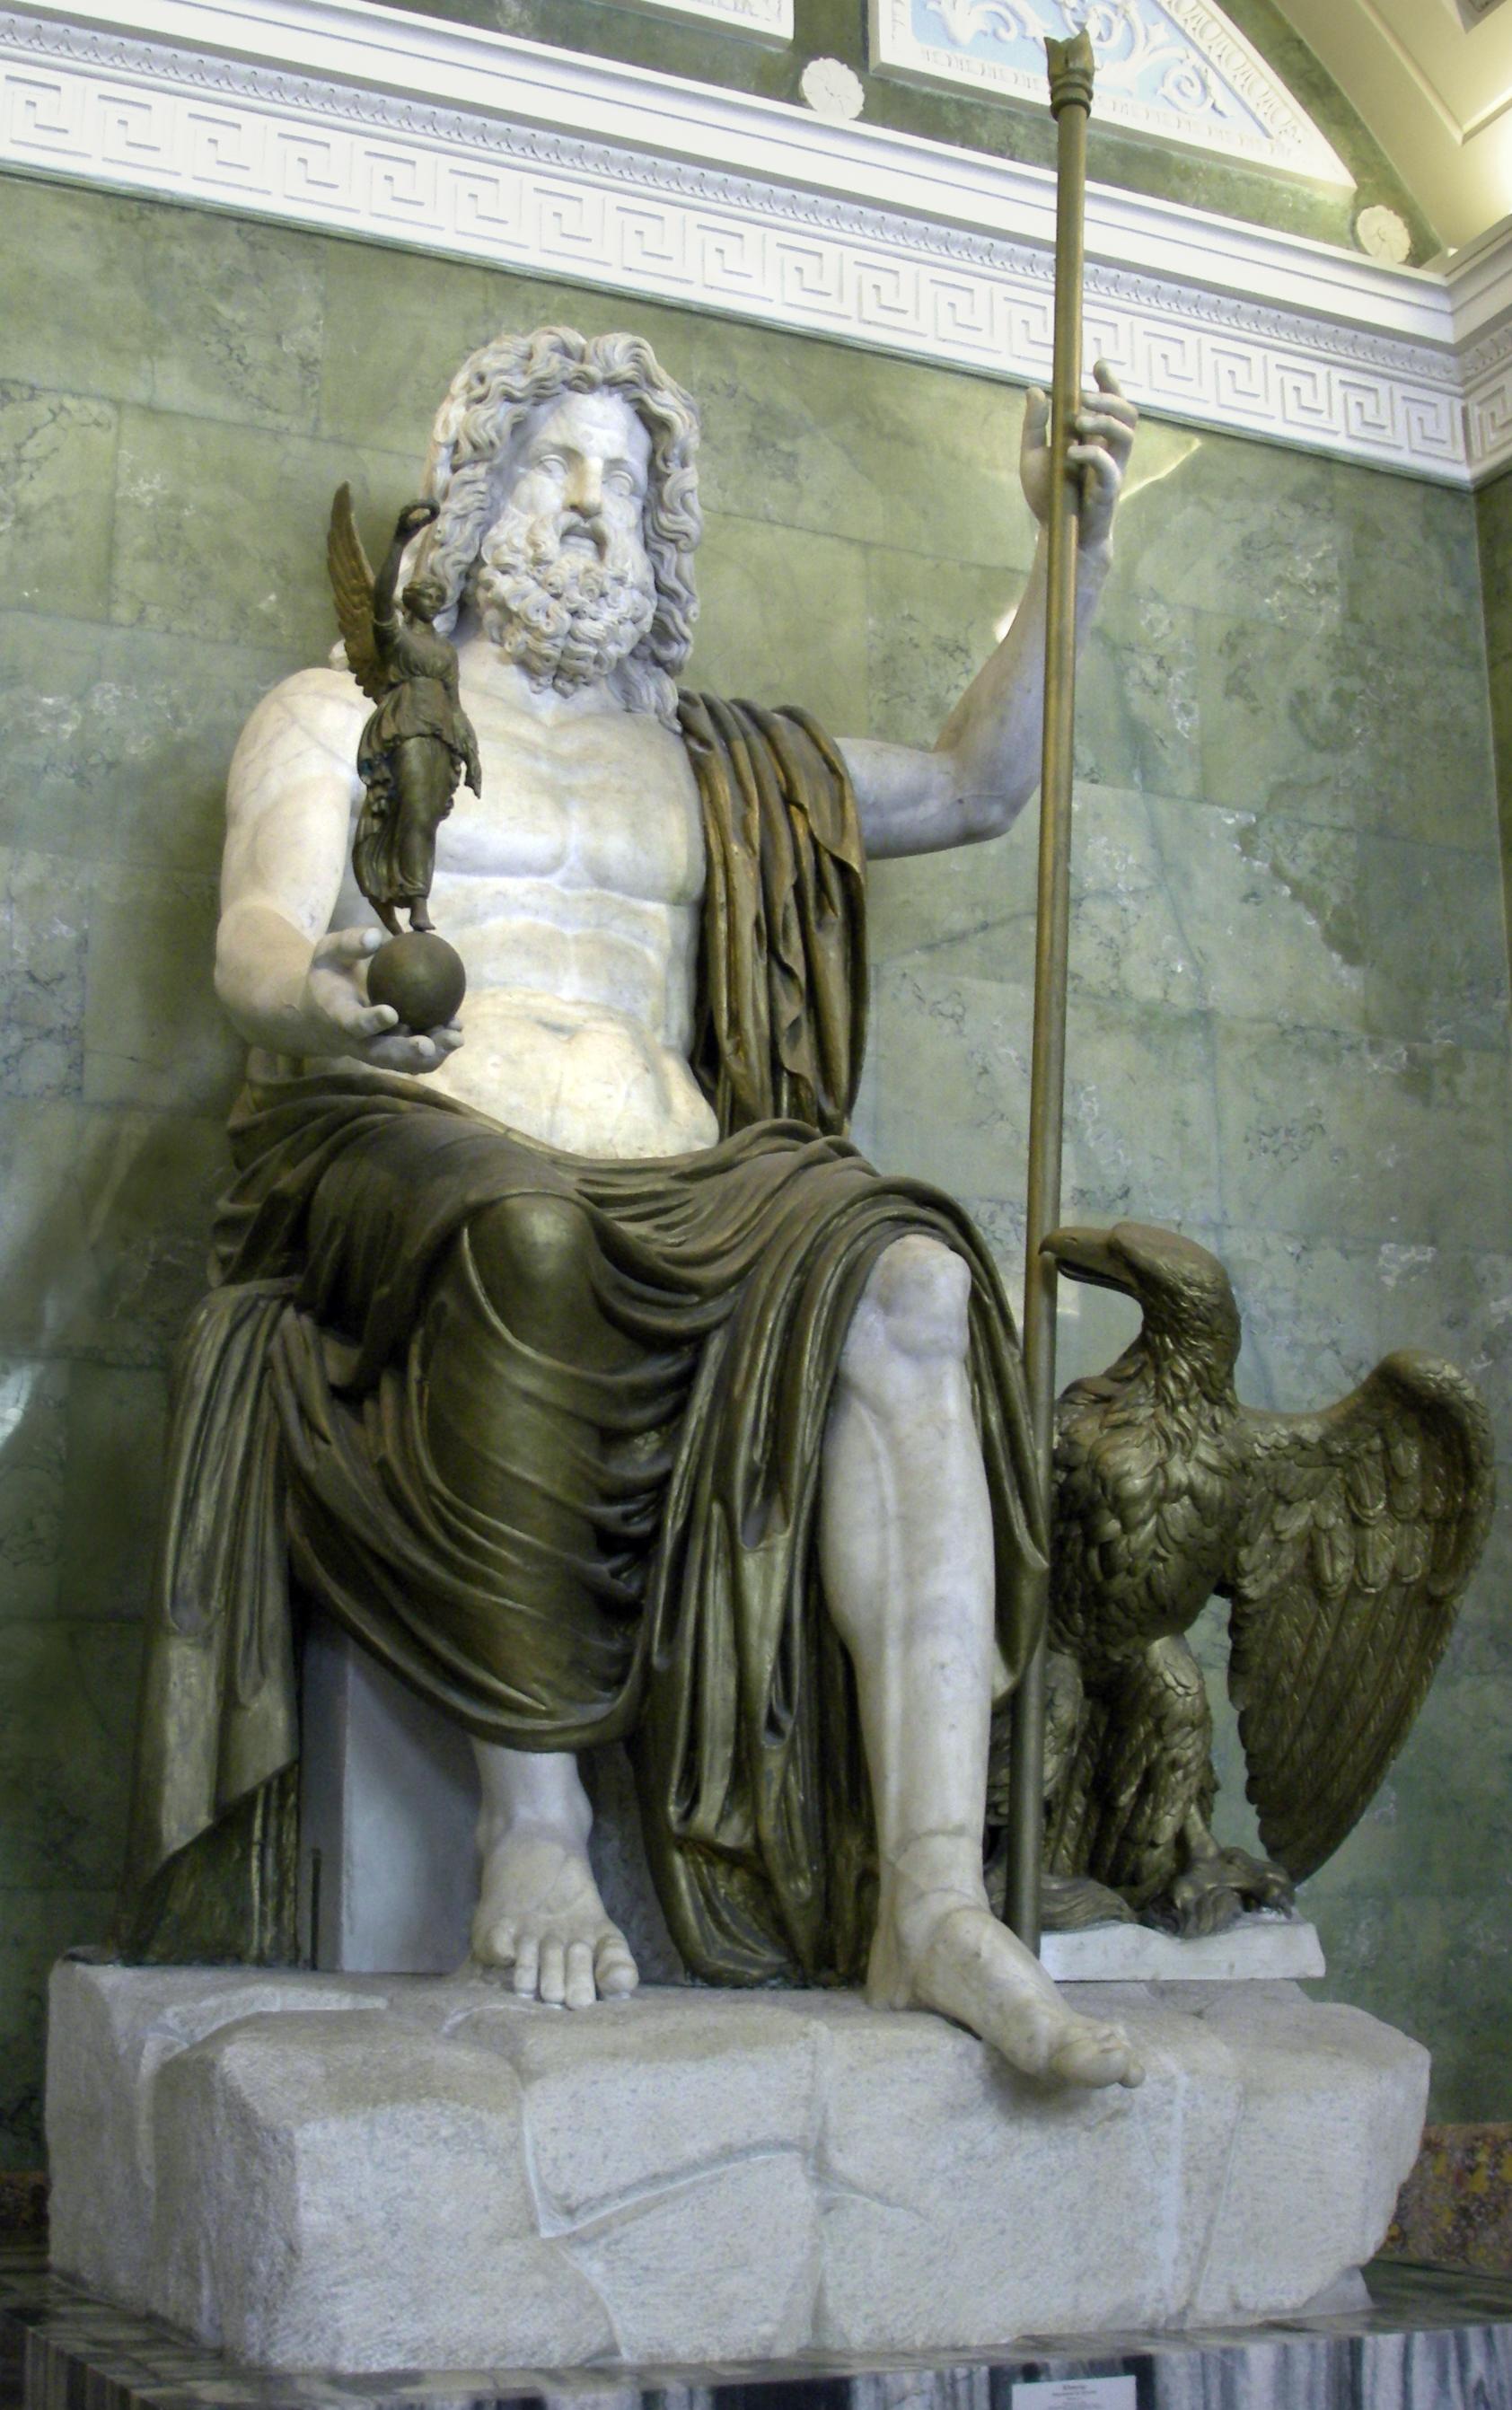 http://upload.wikimedia.org/wikipedia/commons/2/2a/Statue_of_Zeus_%28Hermitage%29_-_%D0%A1%D1%82%D0%B0%D1%82%D1%83%D1%8F_%D0%AE%D0%BF%D0%B8%D1%82%D0%B5%D1%80%D0%B0.jpg